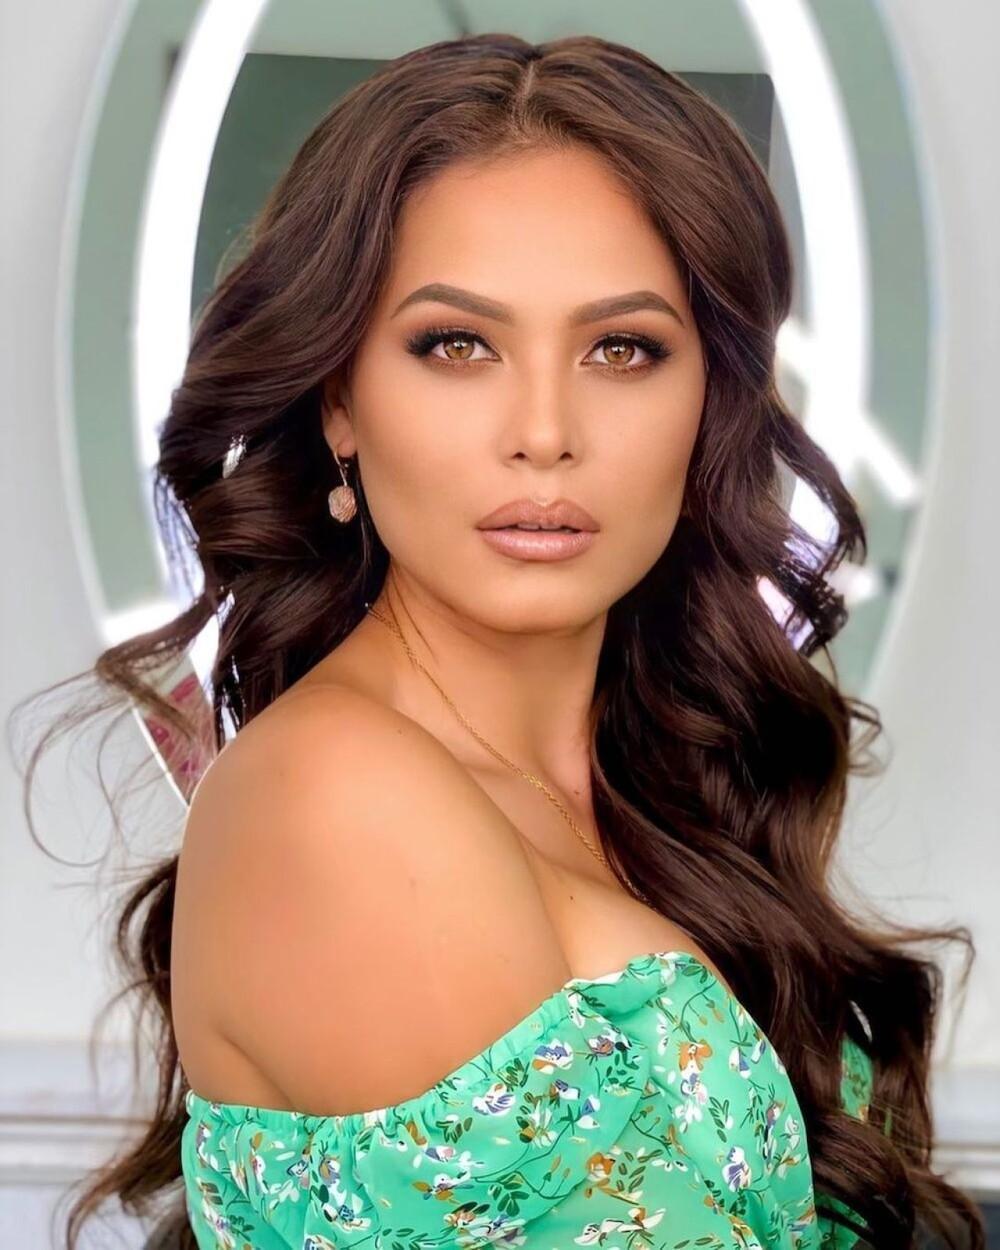 Missosology công bố dự đoán Tân Hoa hậu Hoàn vũ: Mỹ nhân Philippines lọt Top 5, Bolivia sẽ đăng quang? Ảnh 7